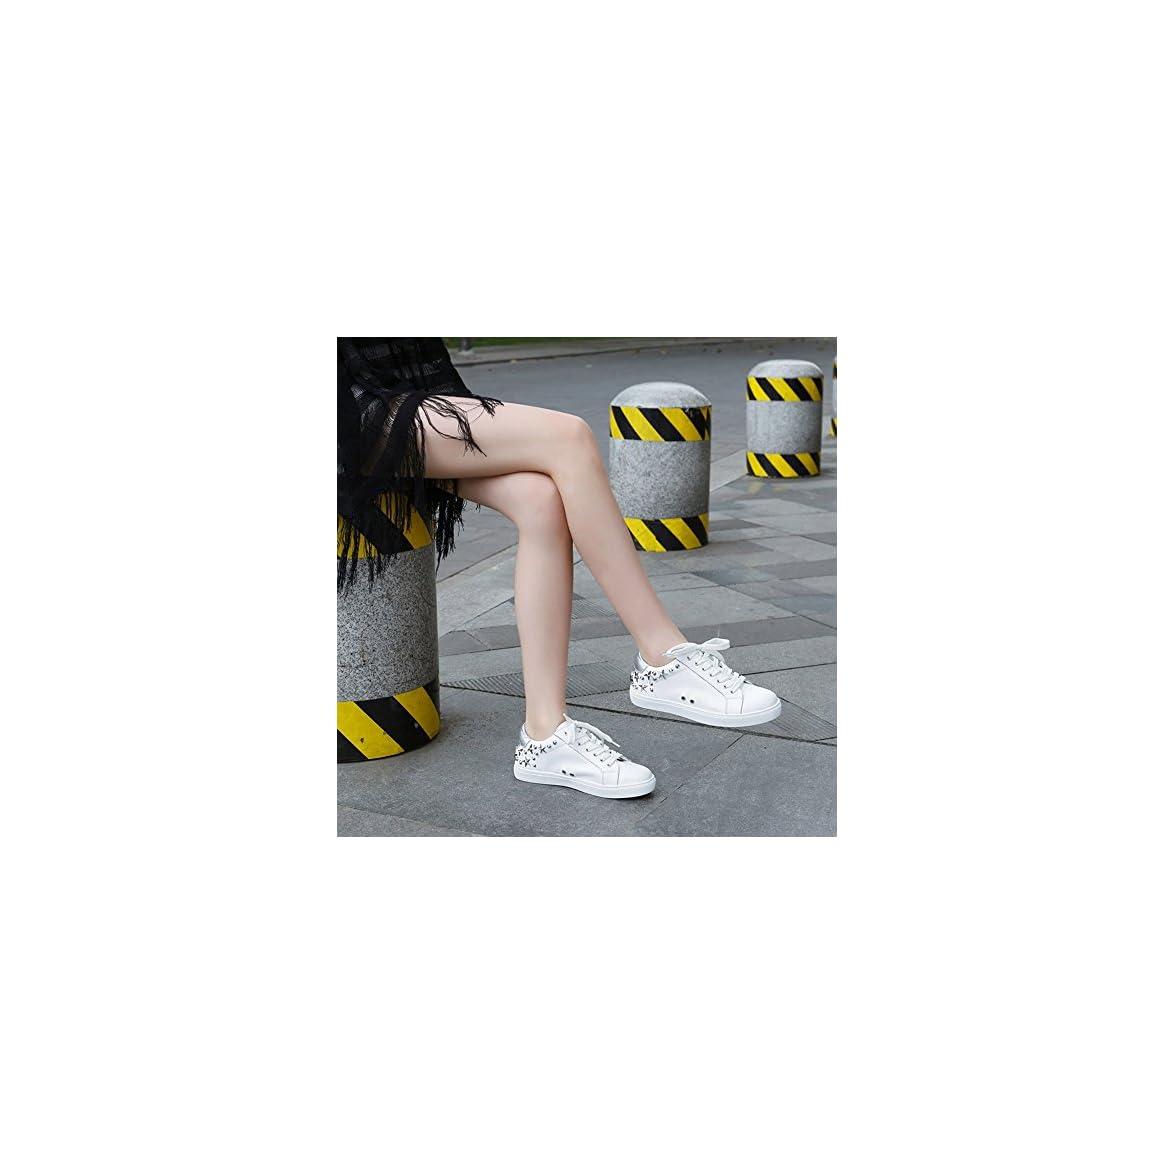 Scarpe Da Donna Nan Pu Estate Traspirante Confortevole Rivetto Punta Tonda Bianche Fondo Piatto colore Bianca Dimensioni Eu36 uk4 cn36